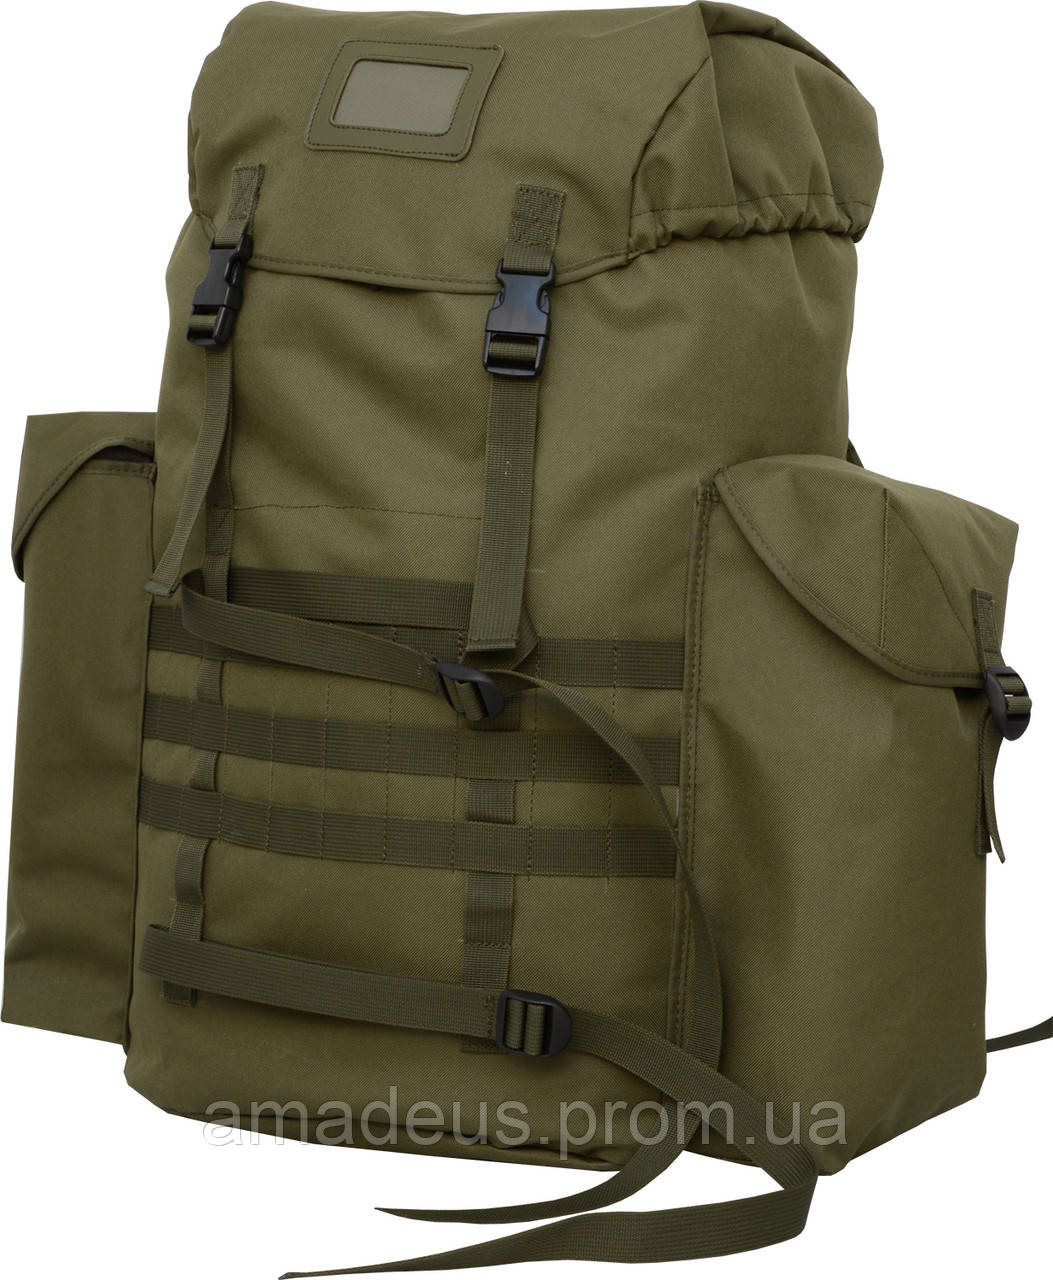 Рзс-1 рюкзак специальный где купить школьный рюкзак во владимире